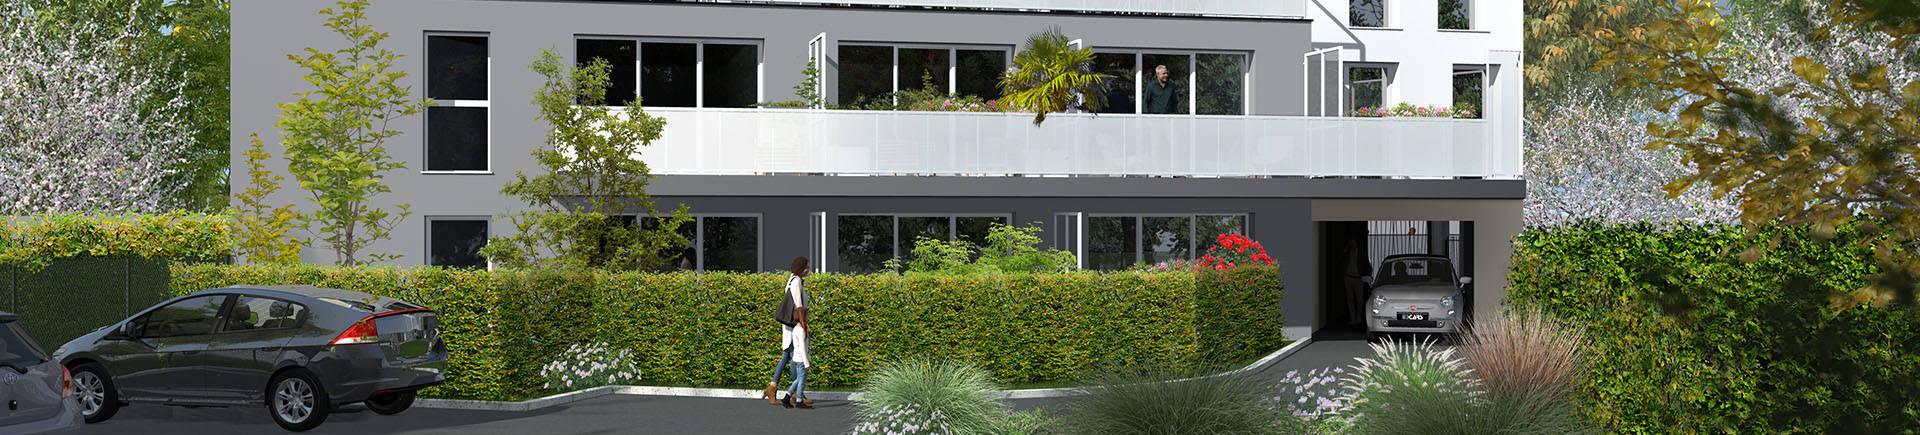 Programme immobilier neuf Villenave d'Ornon coeur quartier Bocage